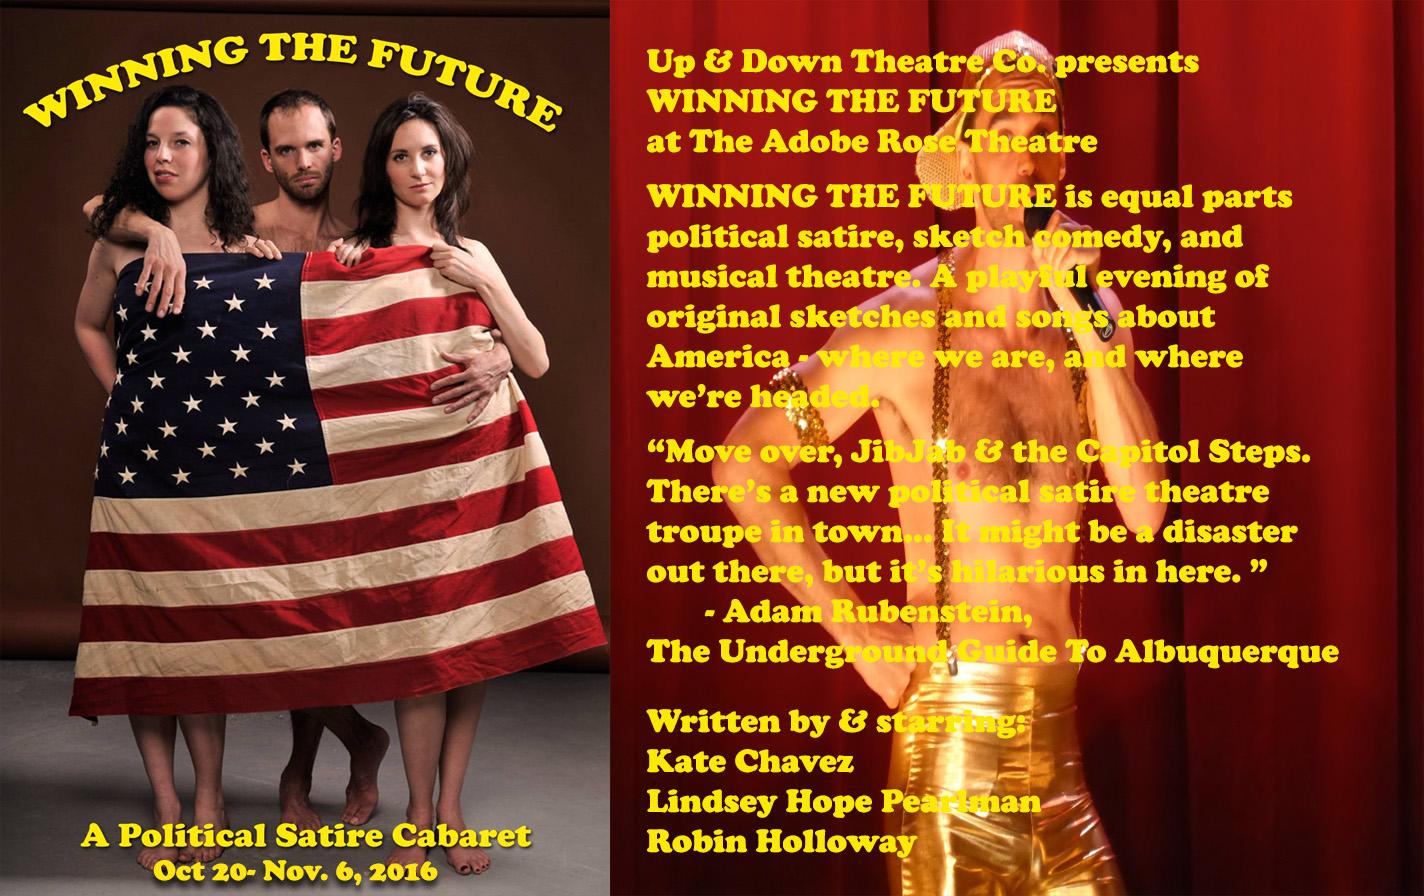 winning-the-future-news-image